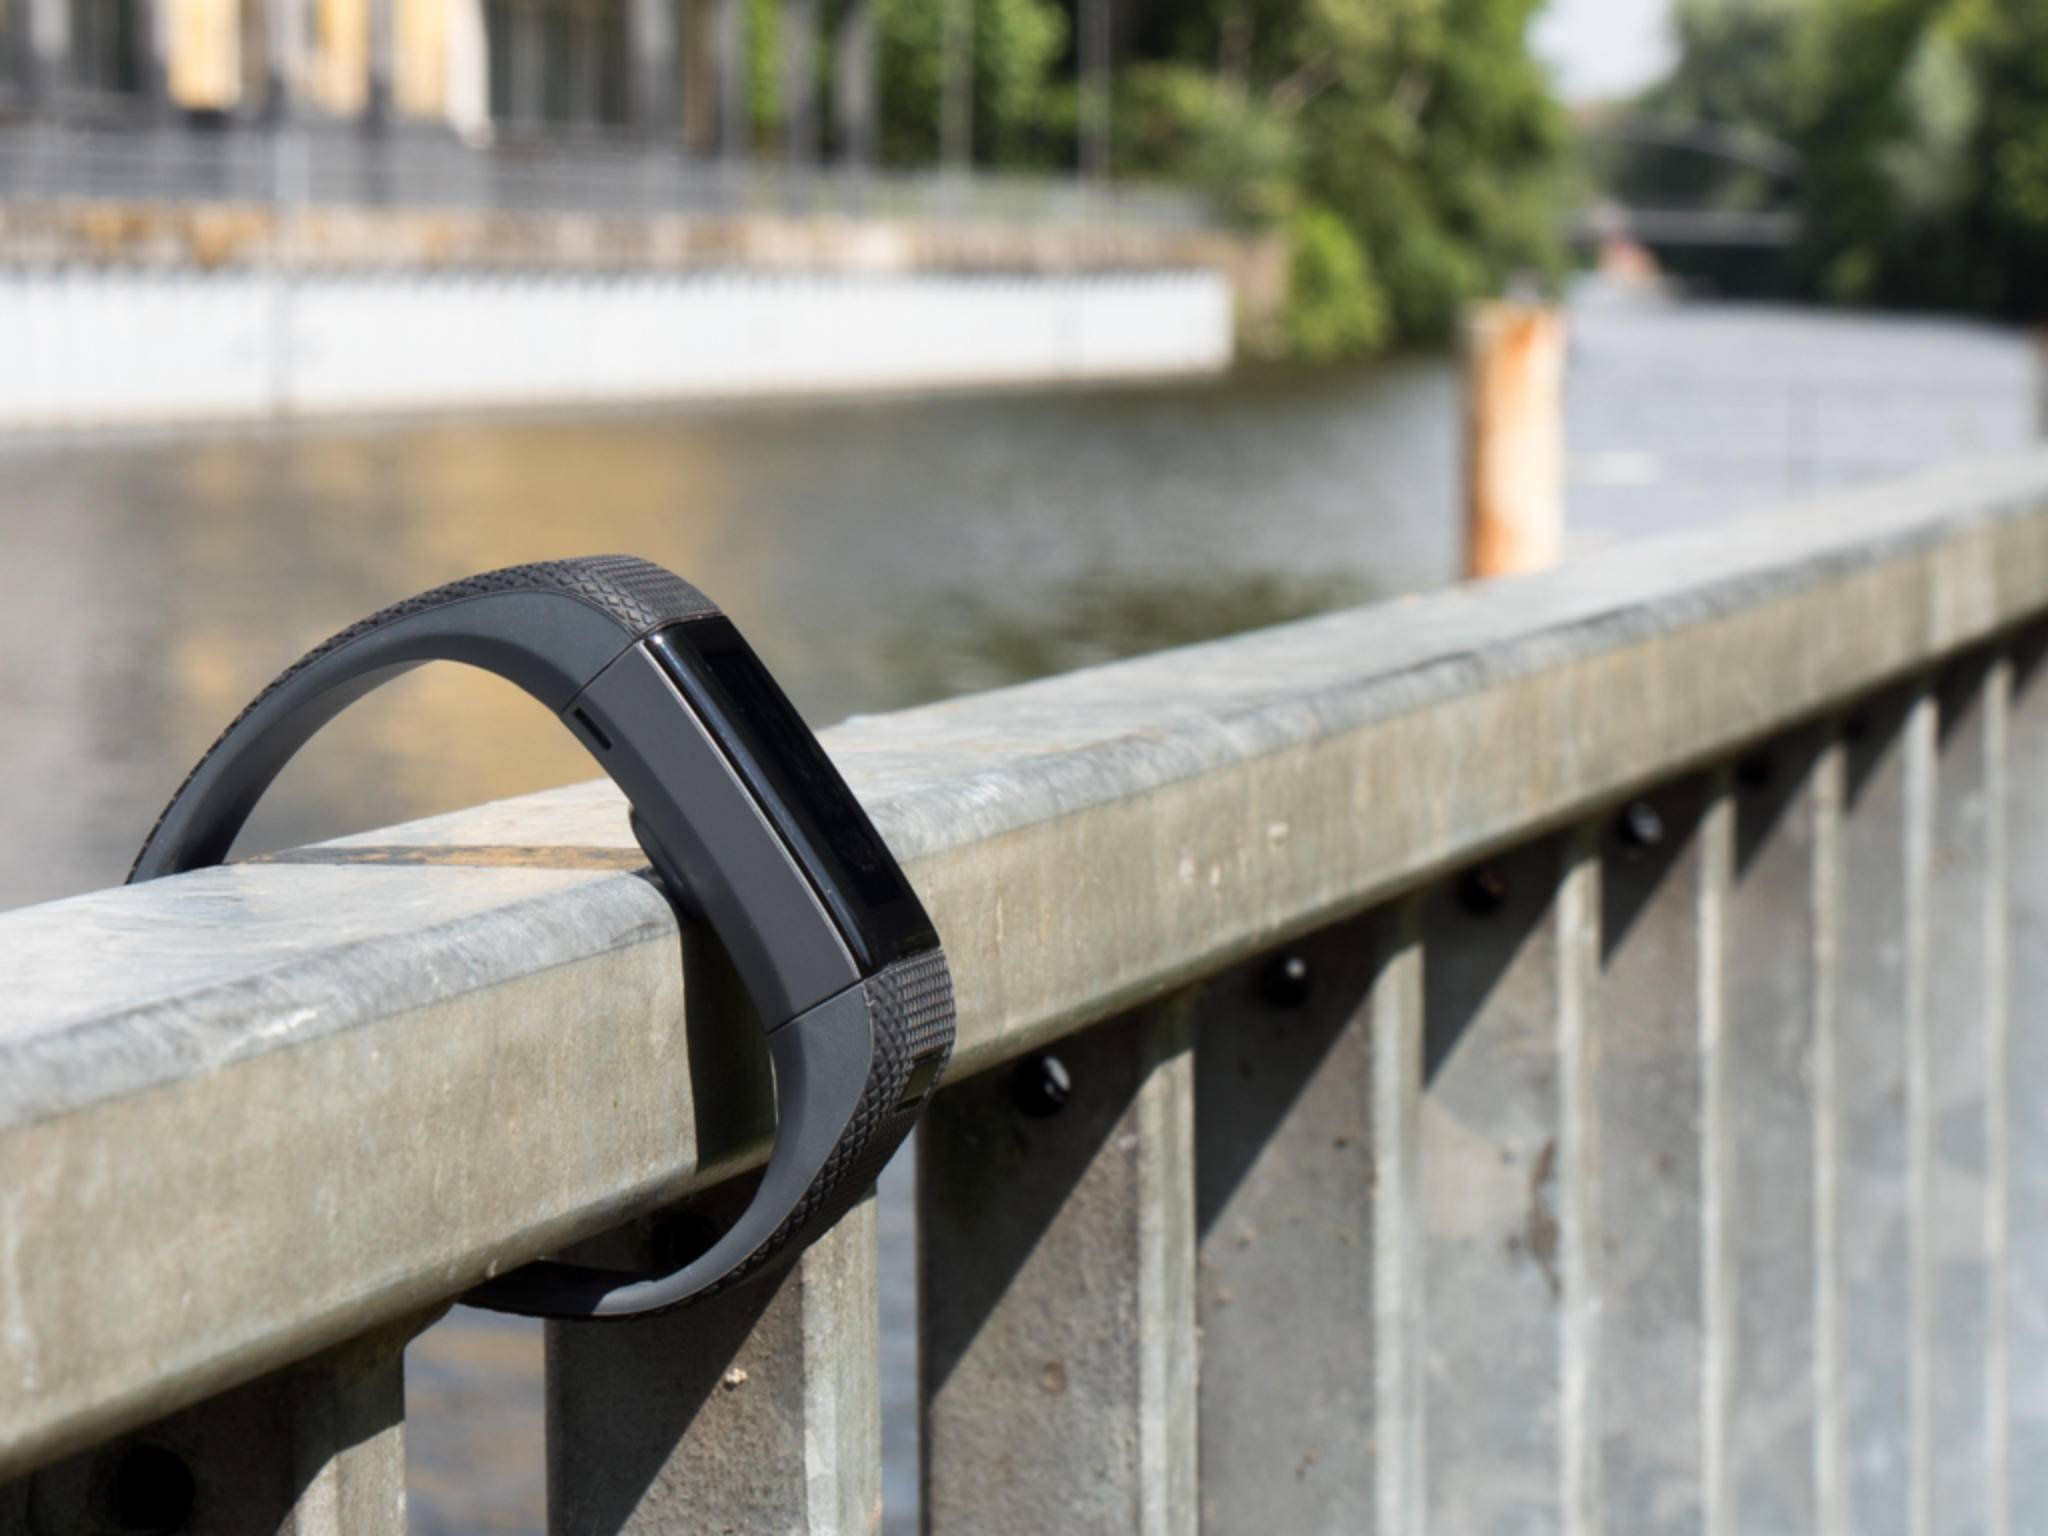 Fitness-Tracker sind praktisch, aber manchmal bauen sie beim Laufen unnötig viel Druck auf.